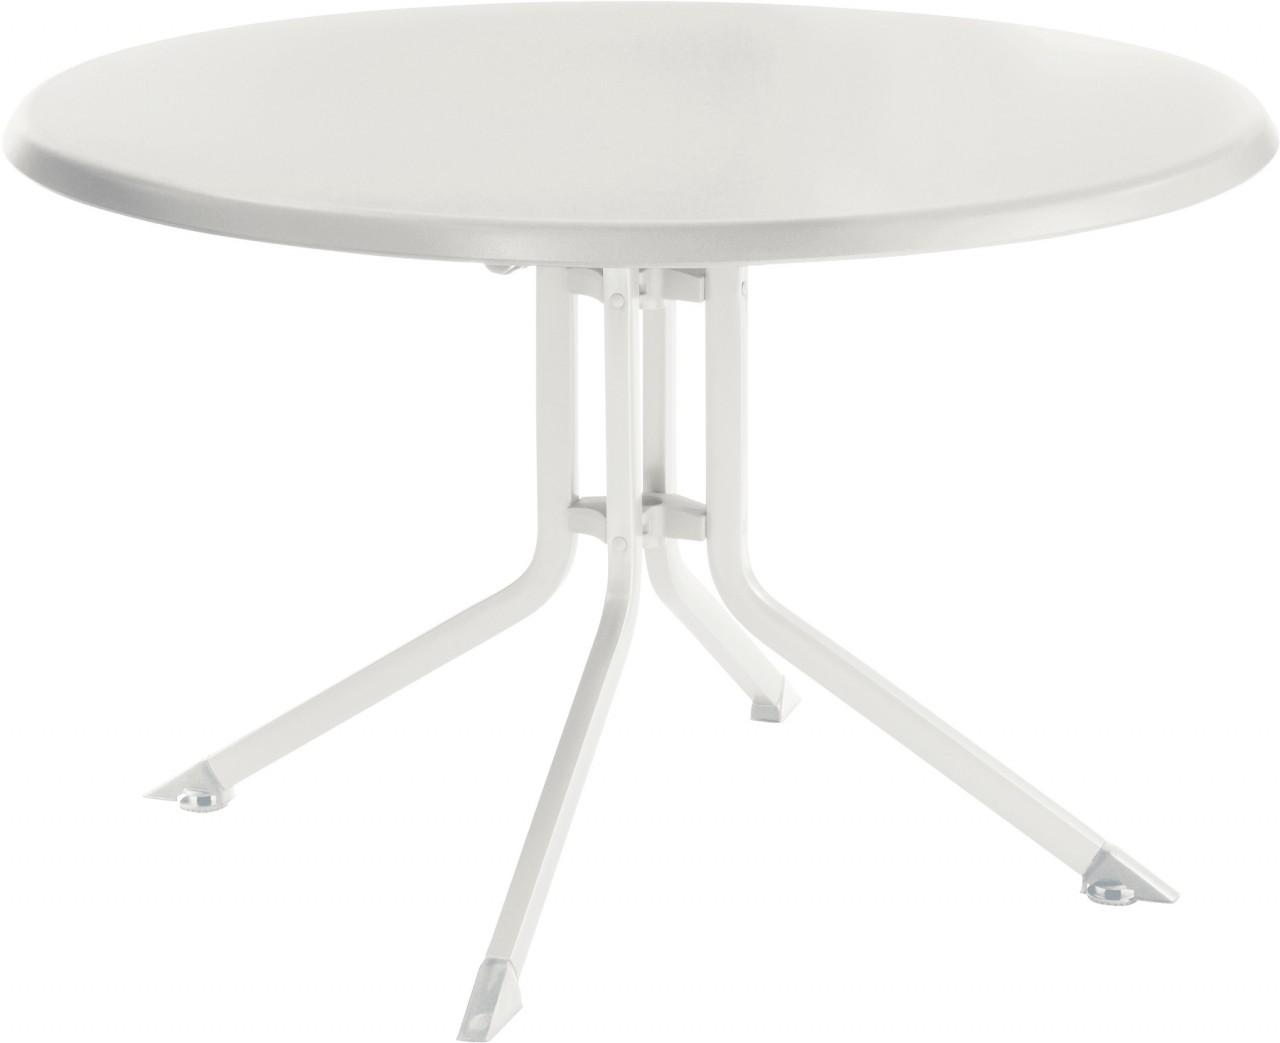 KETTALUX Klapptisch Ø 100 cm weiß/weiß